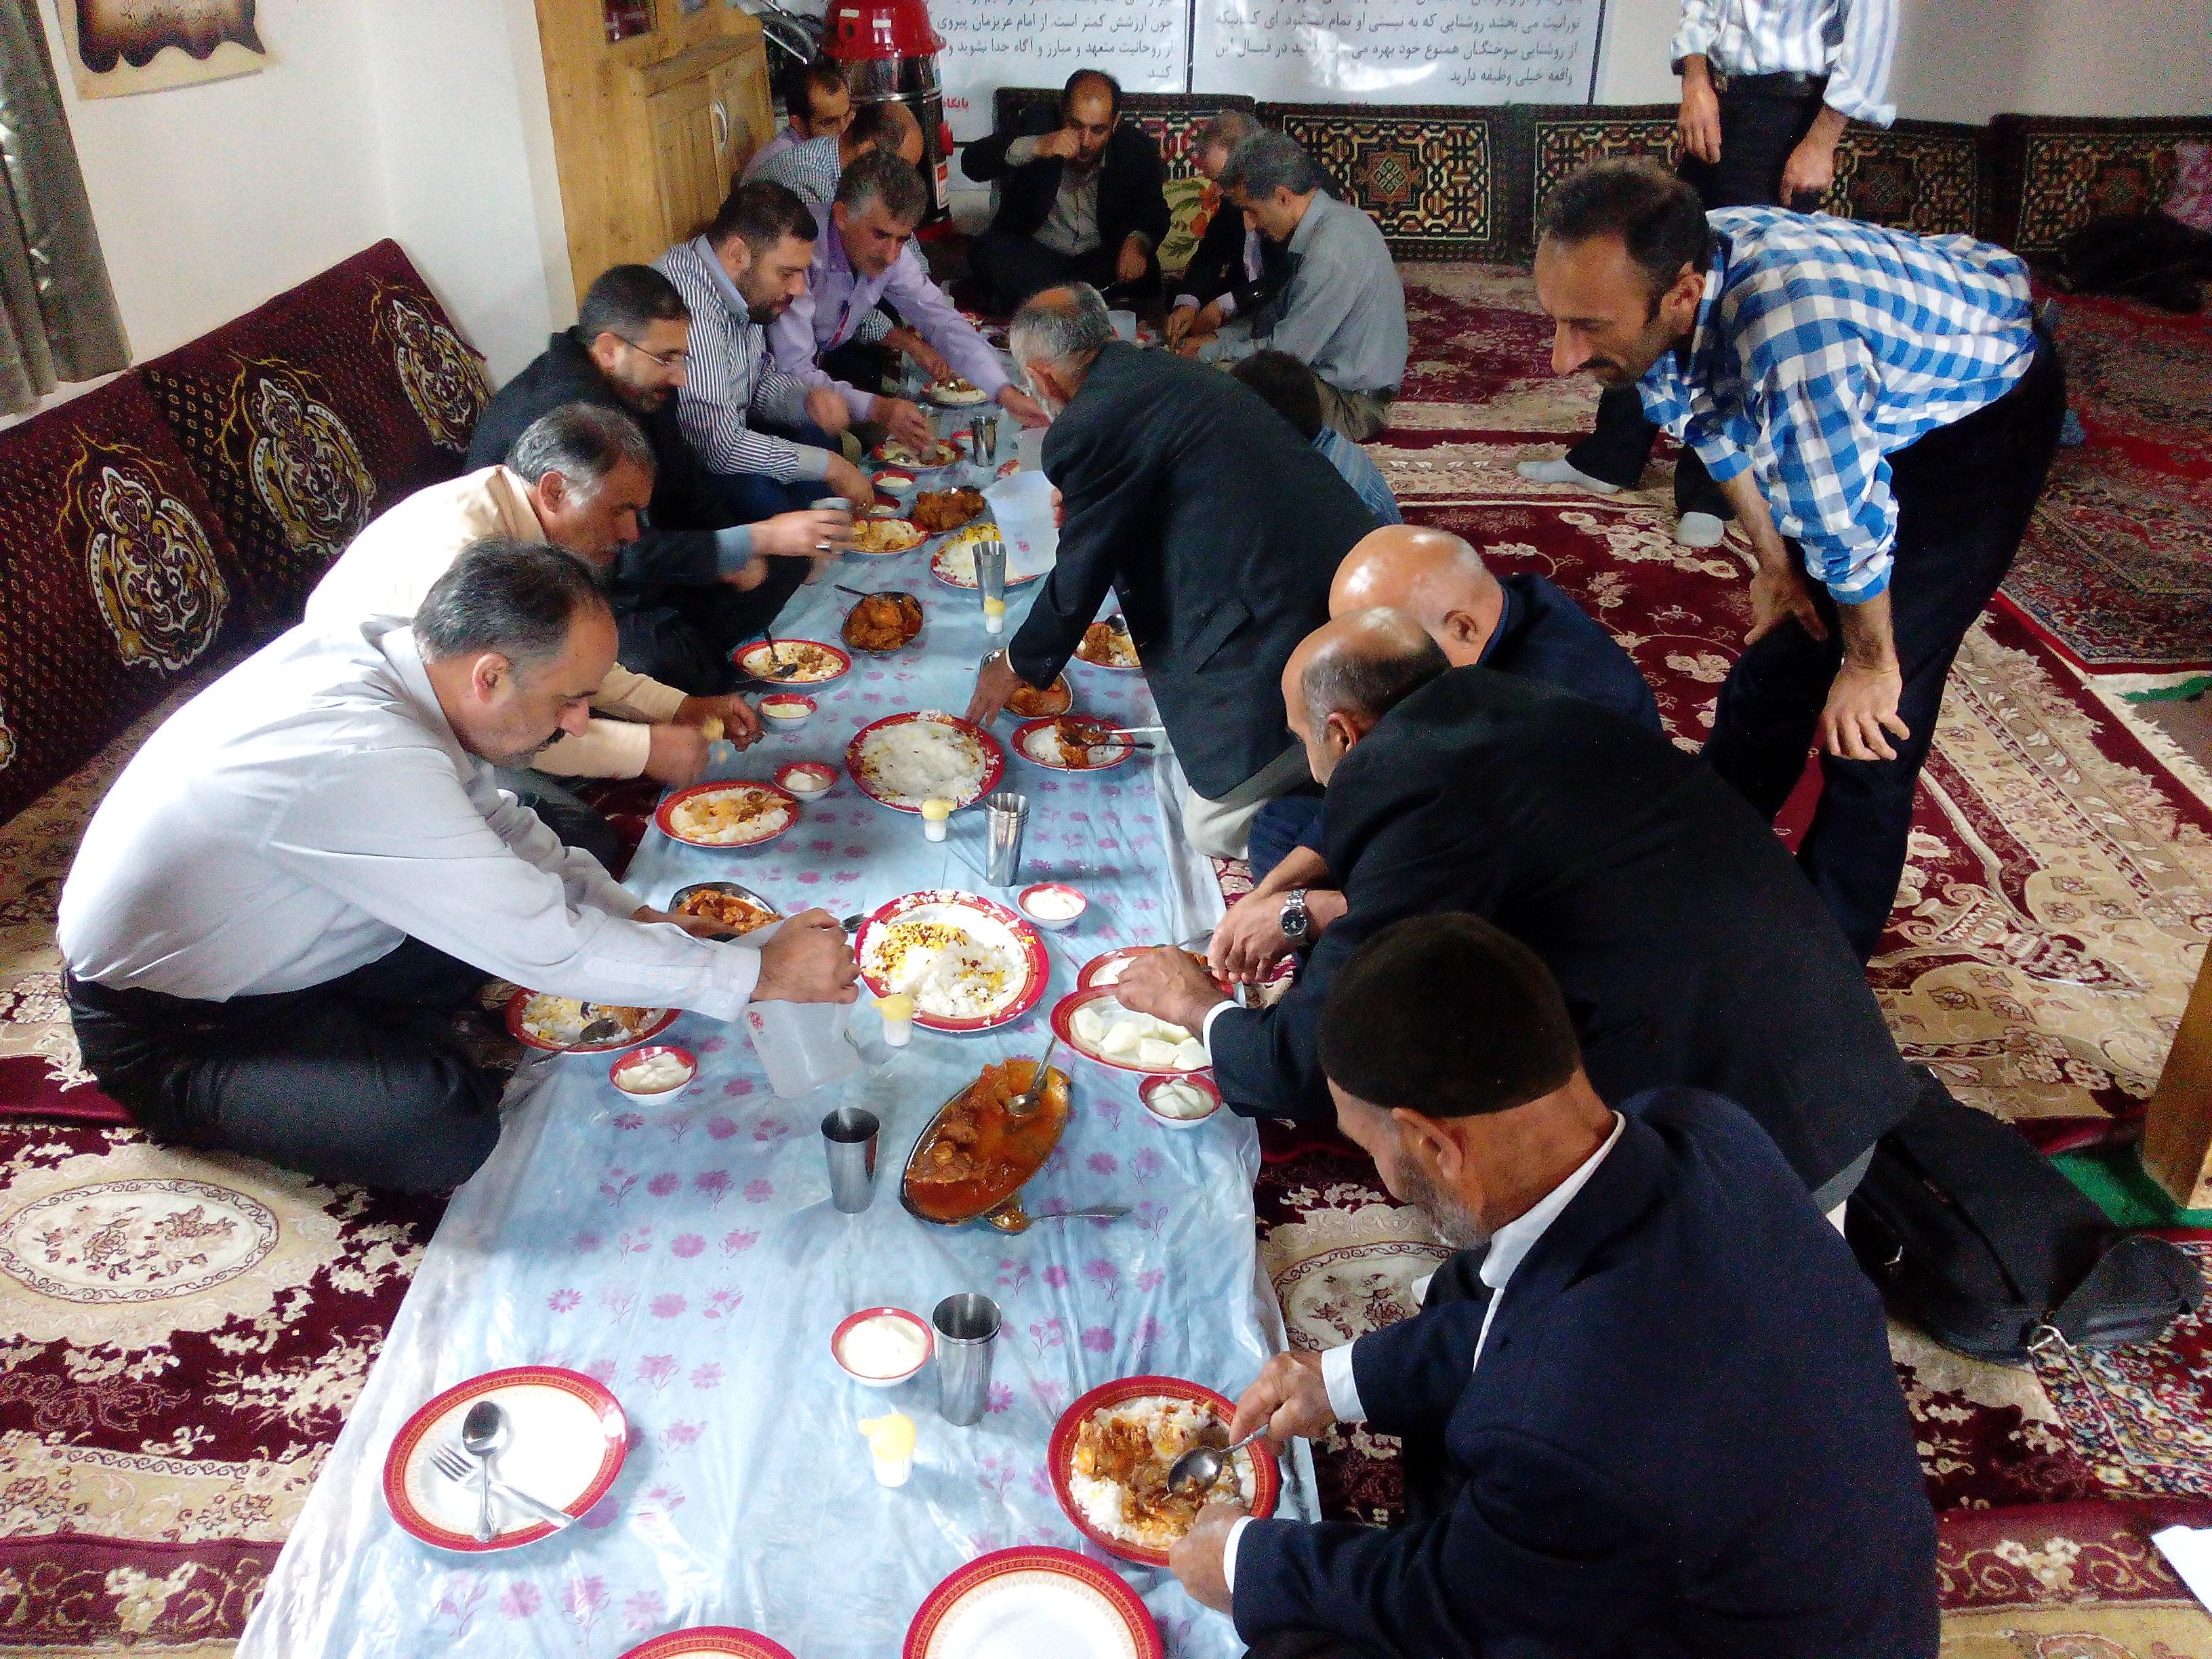 حاج قاسم احمدی لاشکی در روستای گلامره